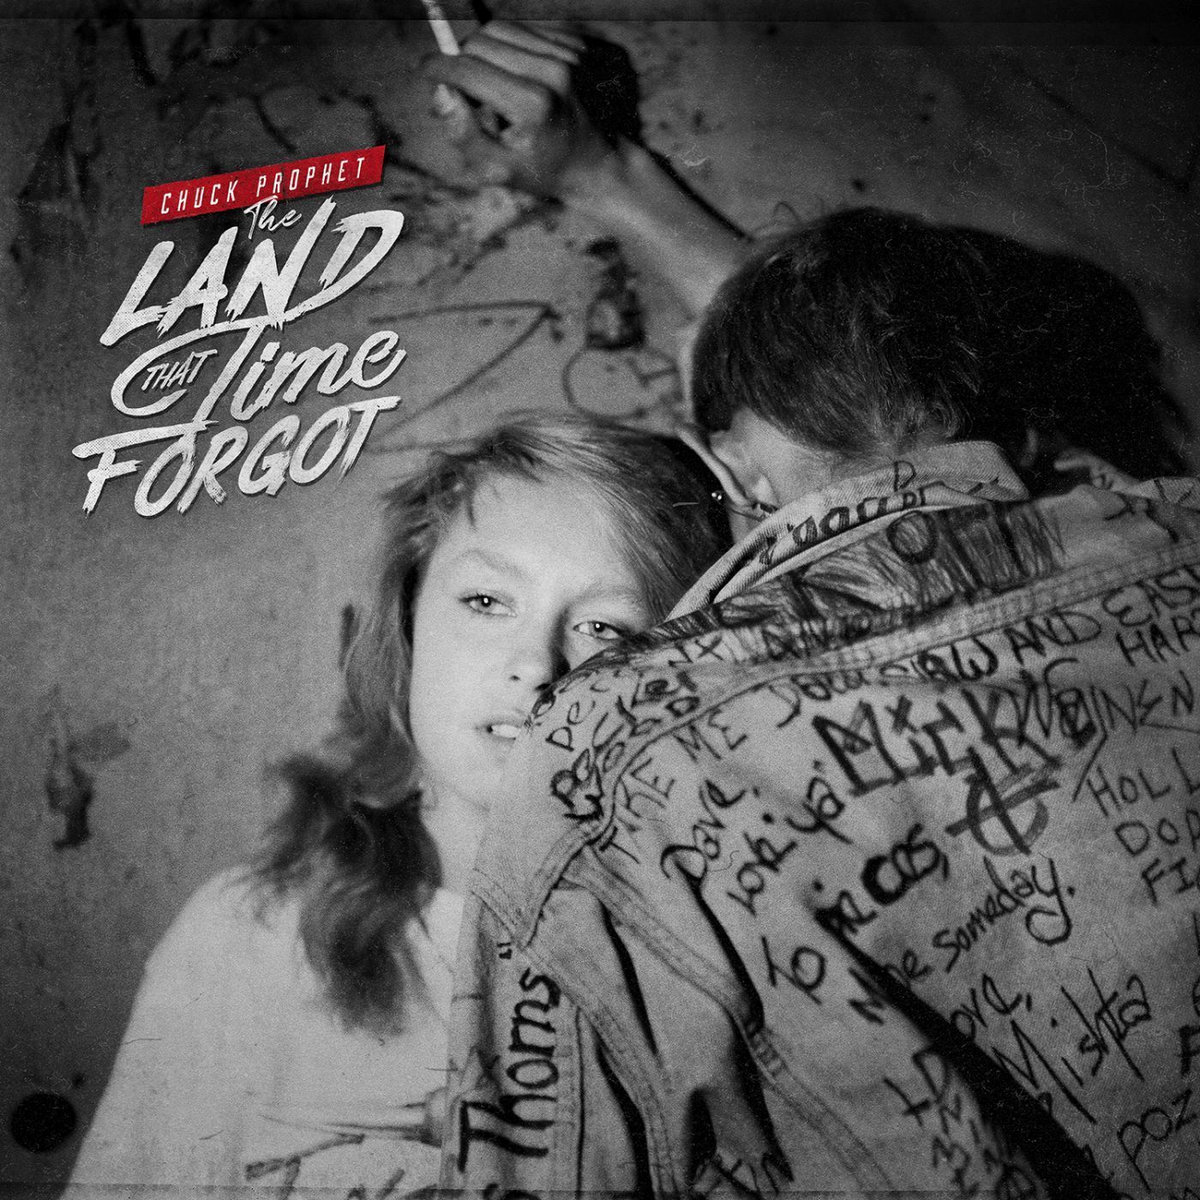 ¿Qué Estás Escuchando? - Página 38 El-nuevo-disco-de-Chuck-Prophet-se-llama-The-Land-That-Time-Forgot